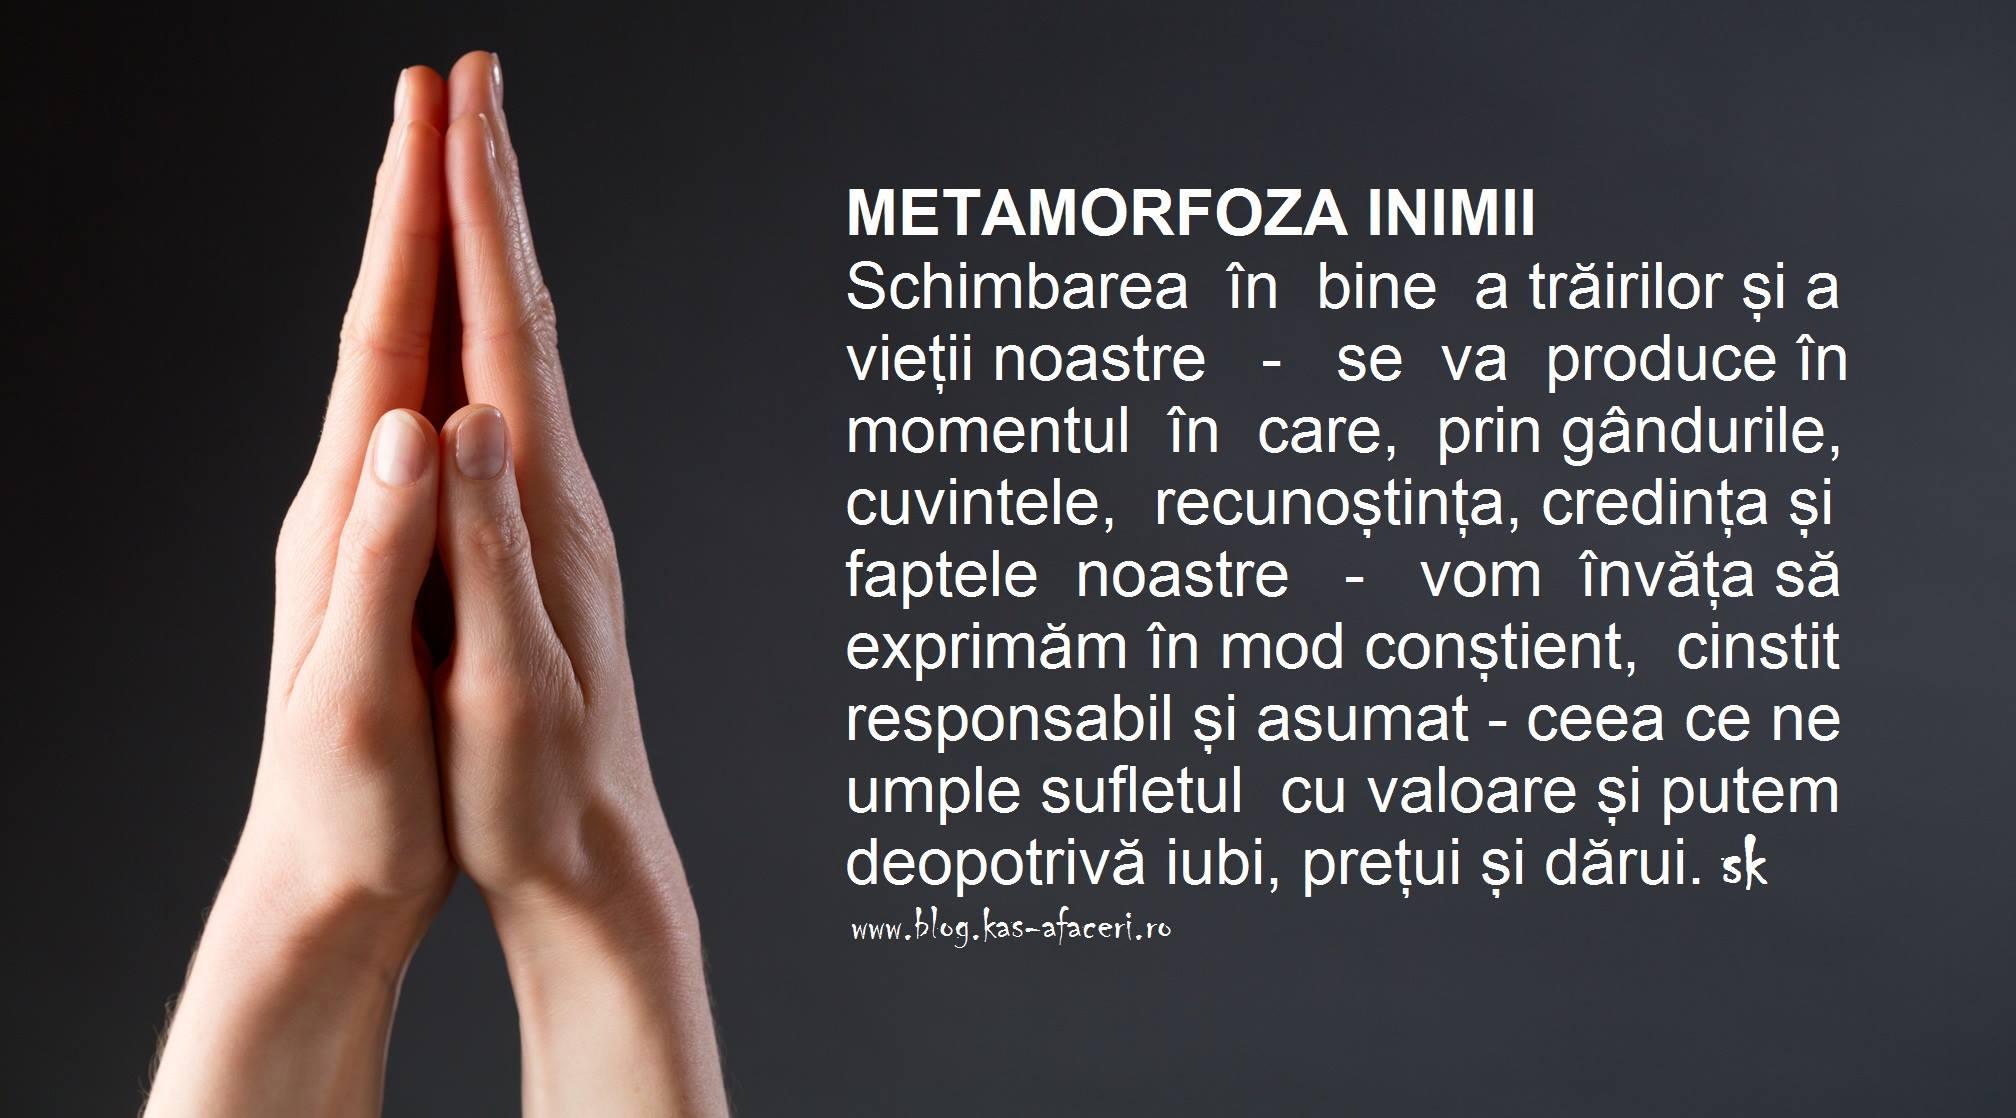 metamorfoza inimii